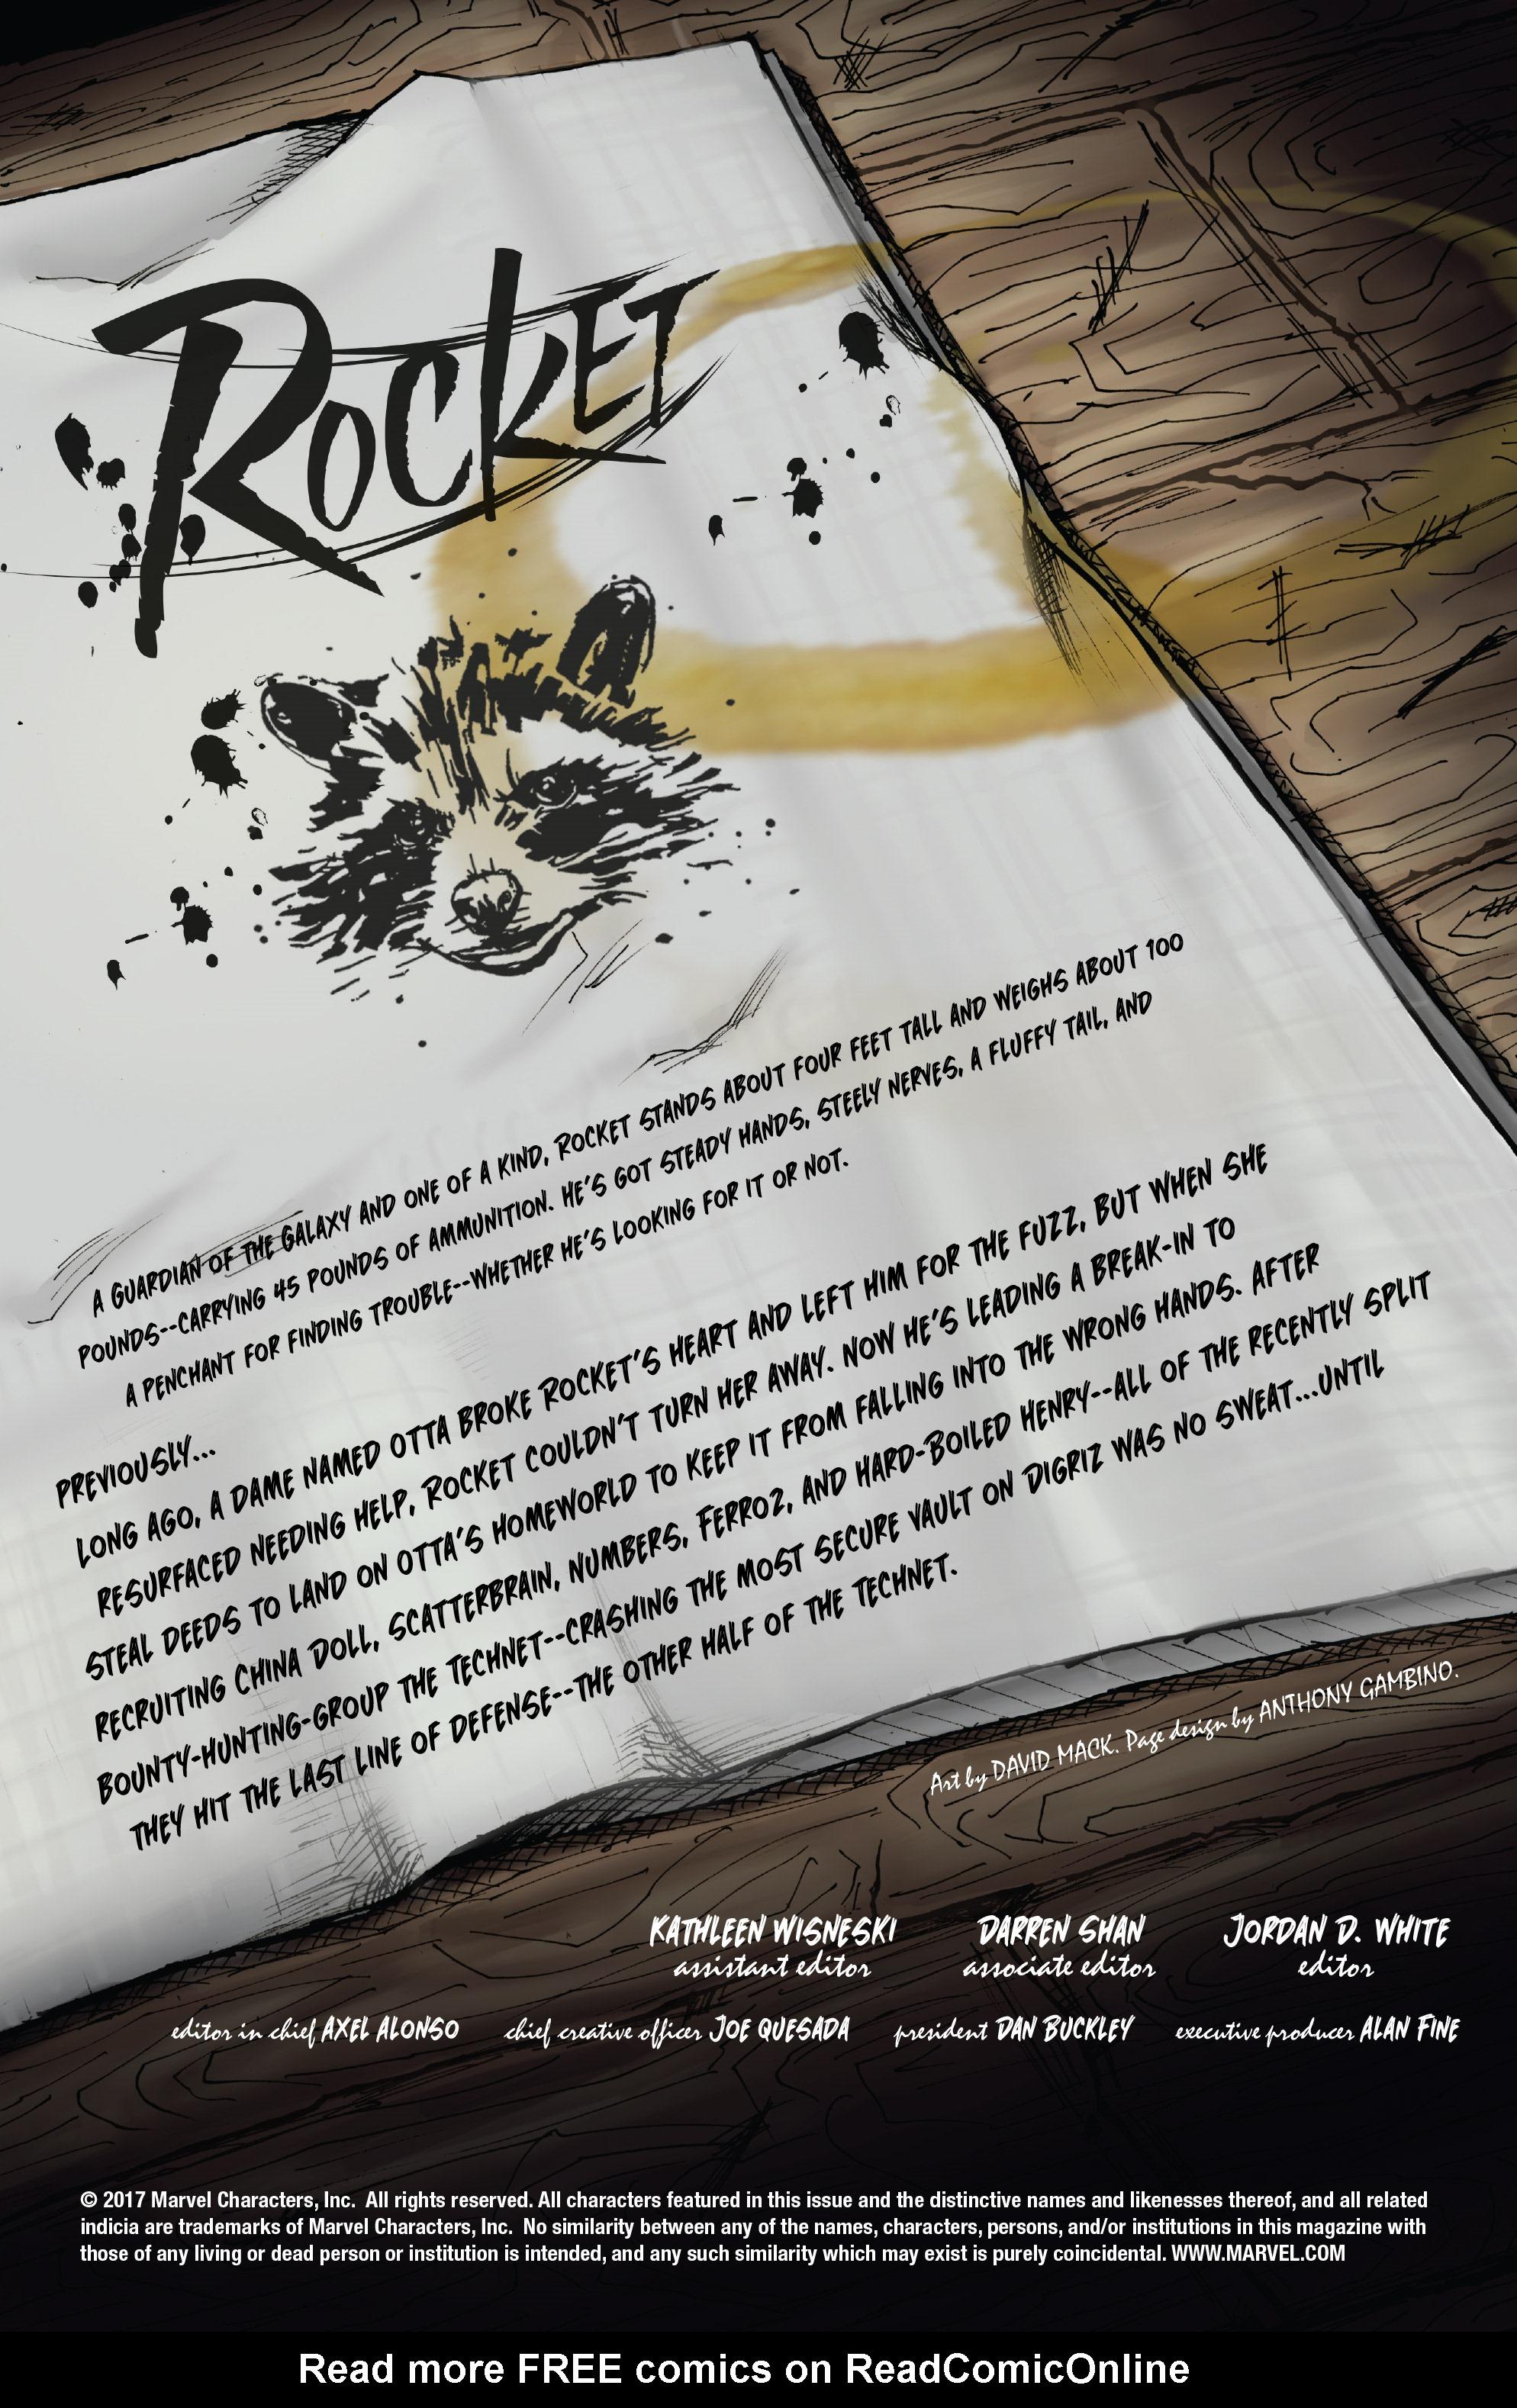 Read online Rocket comic -  Issue #2 - 2